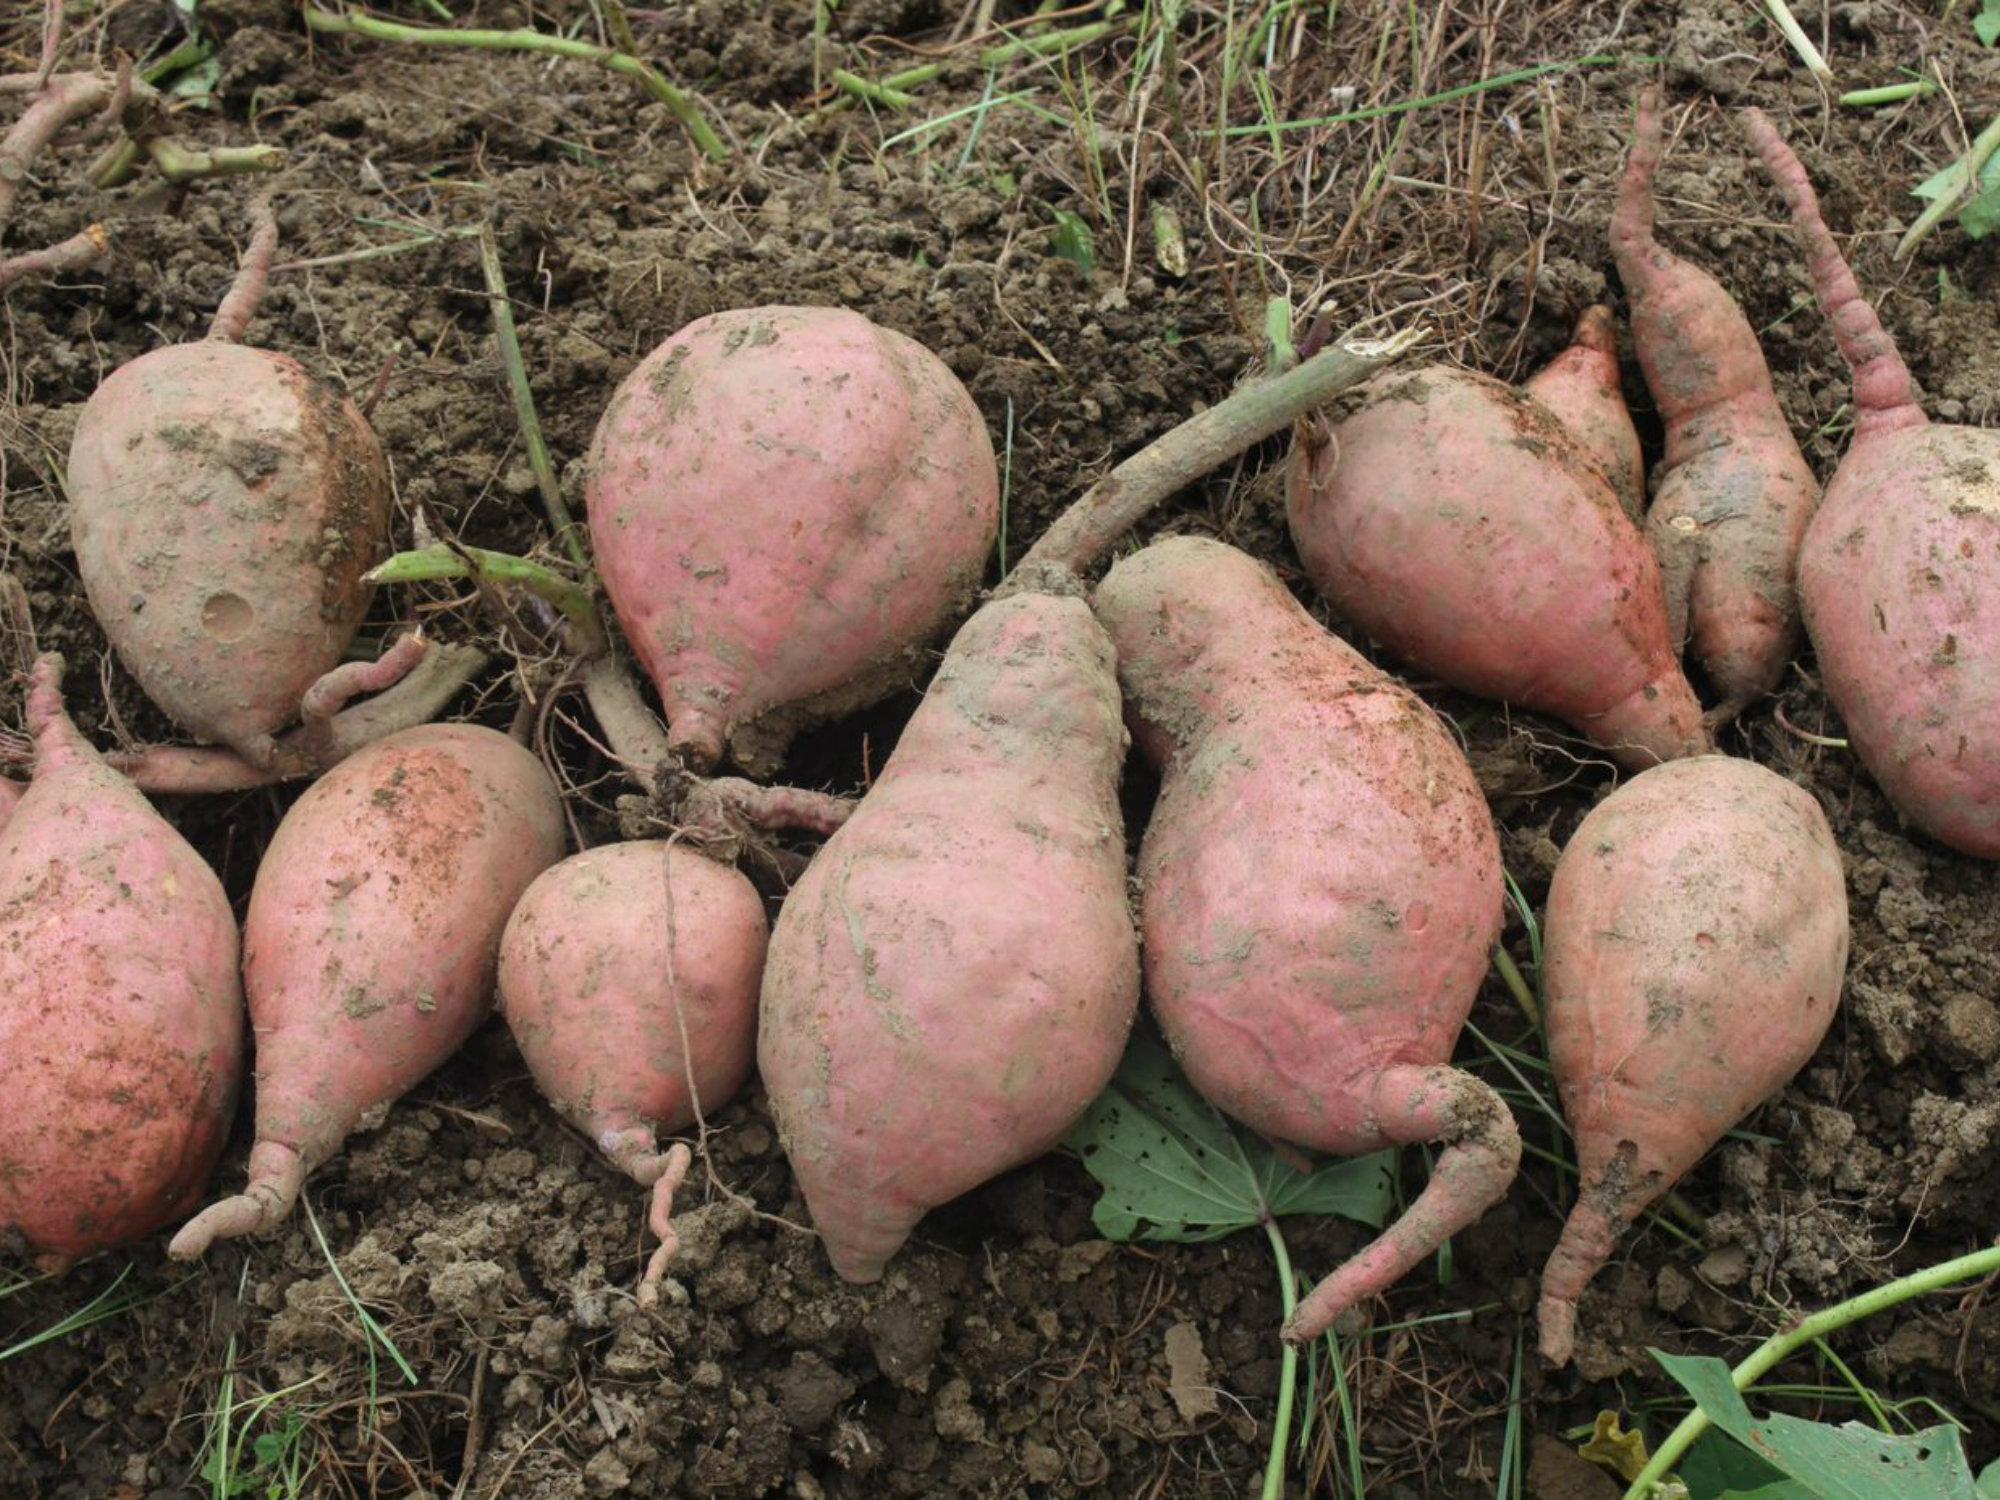 Se registra la primera variedad de batata AGROSAVIA Aurora